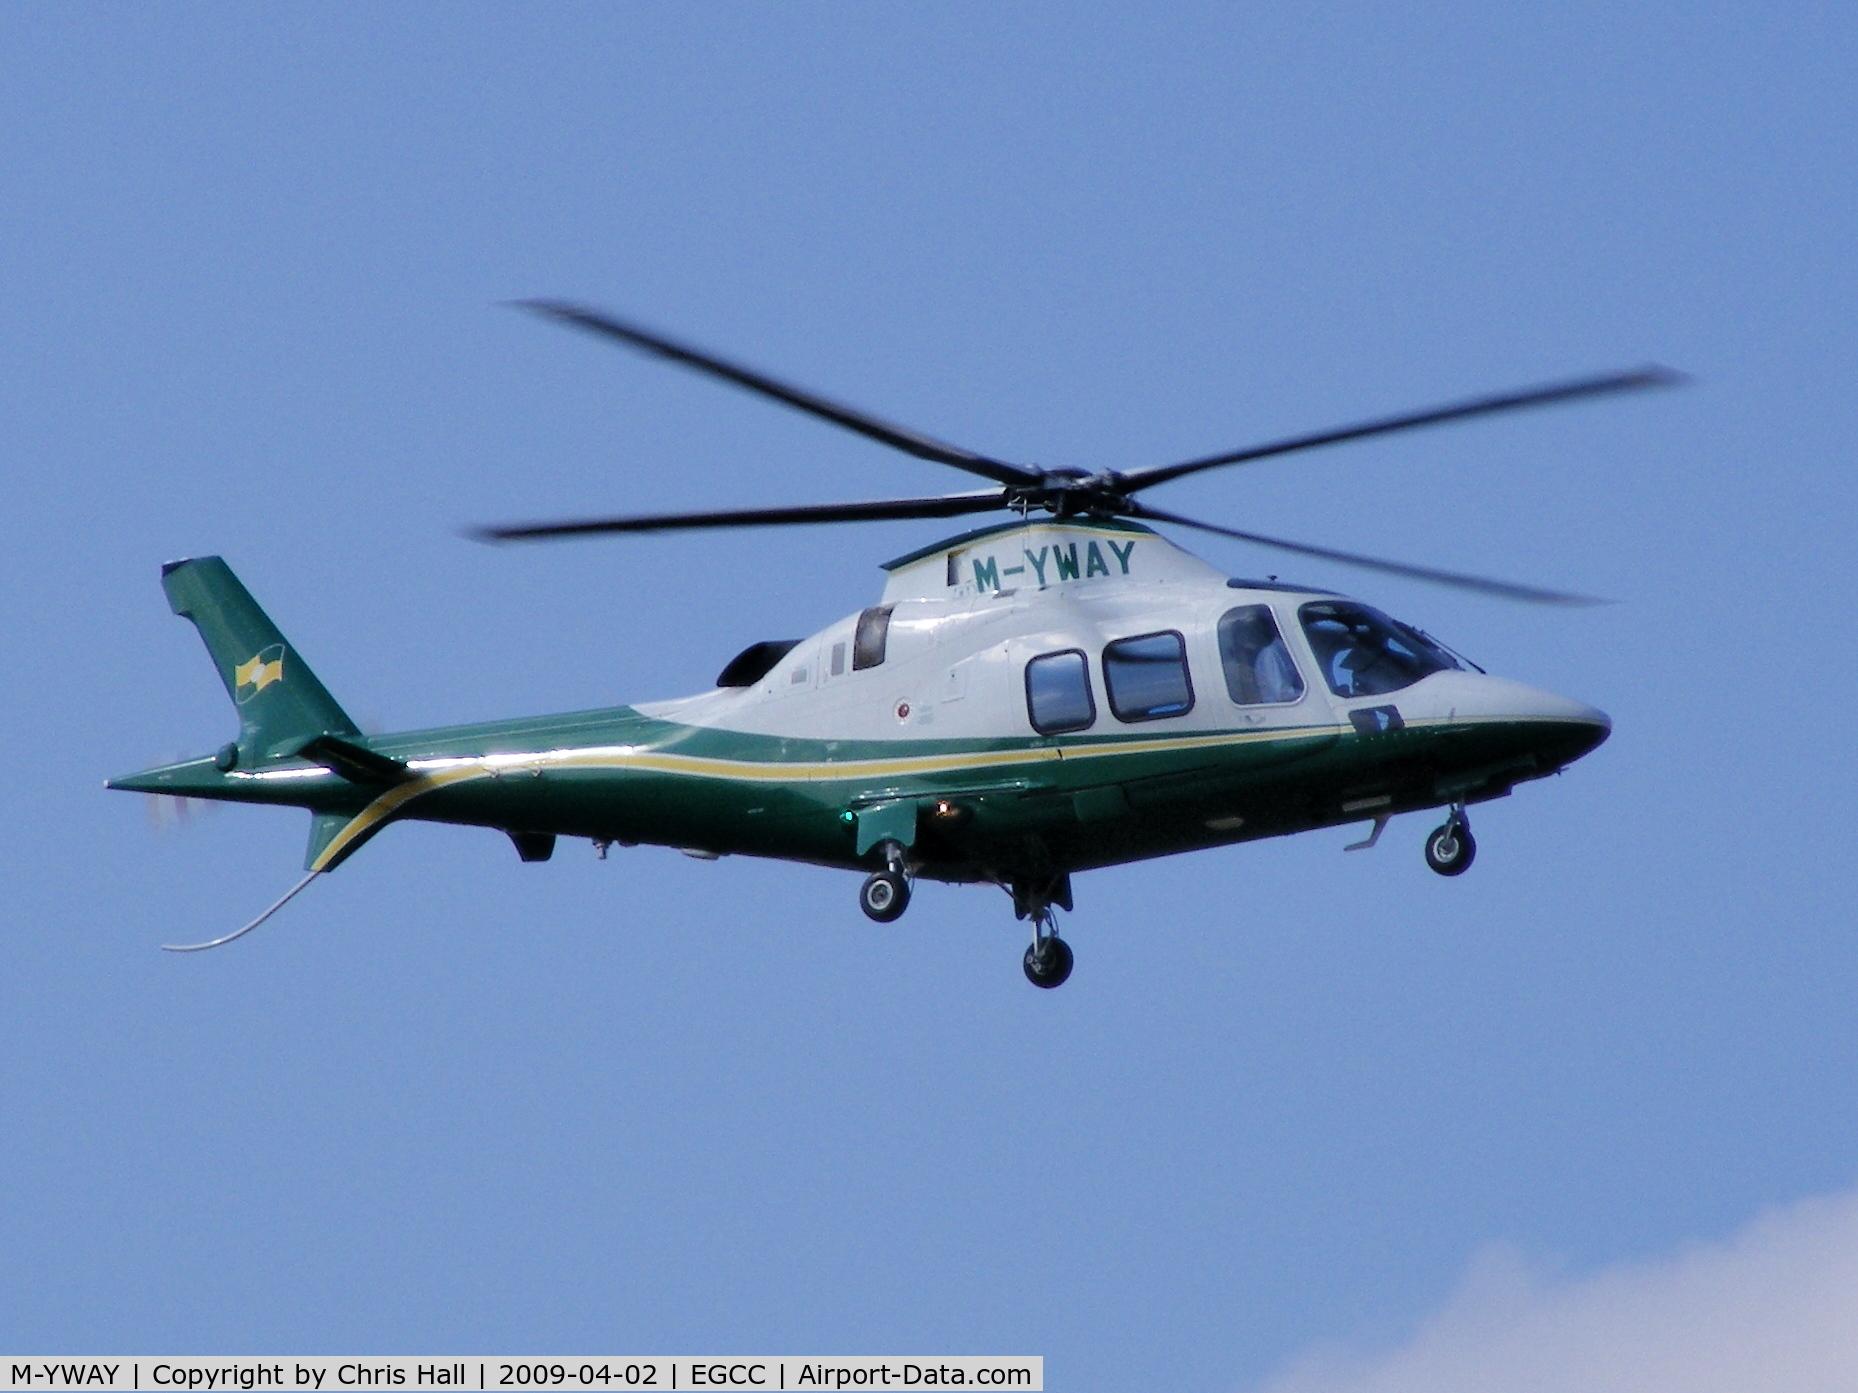 M-YWAY, Agusta A-109S Grand C/N 22098, Agusta A109F Trustair Ltd